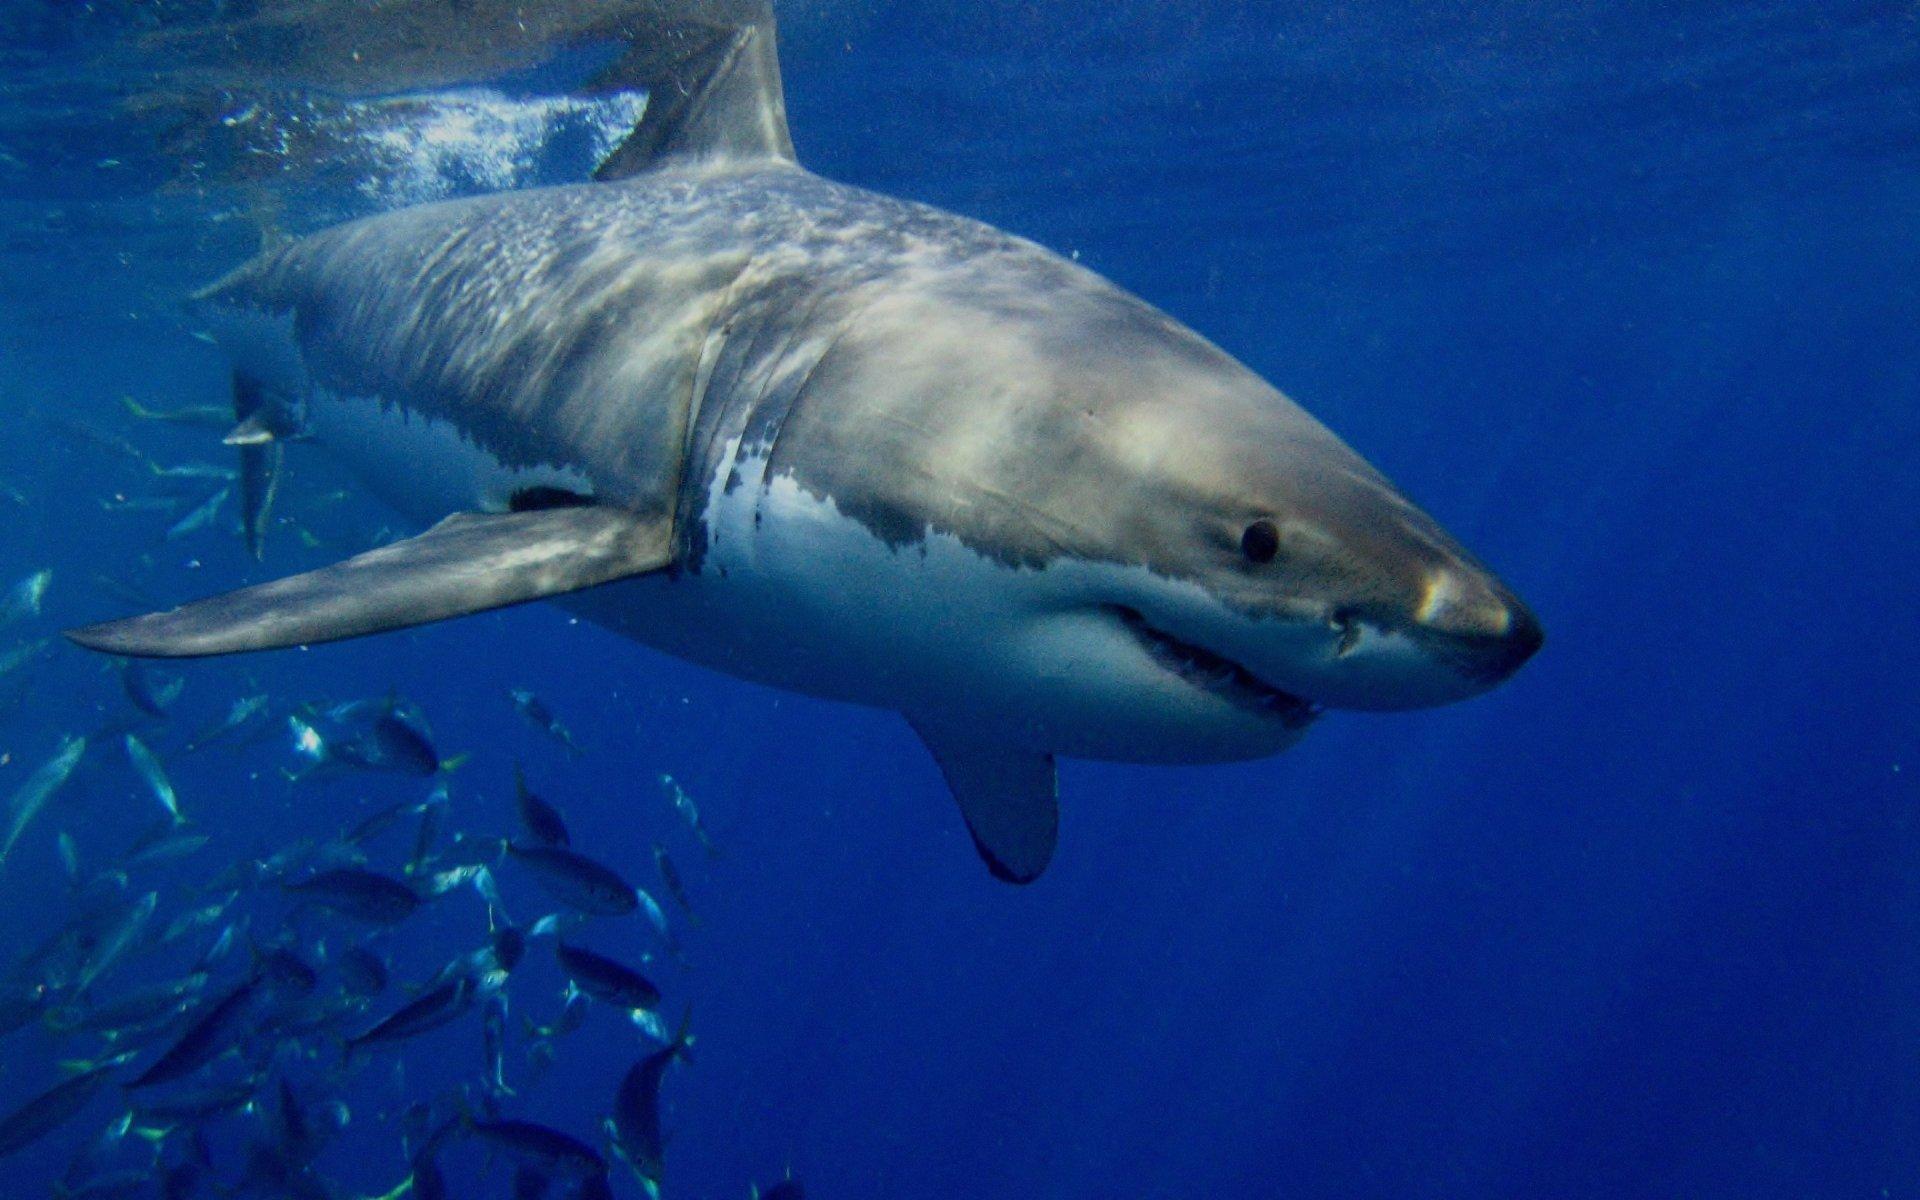 27 Great White Shark Fondos De Pantalla Hd Fondos De